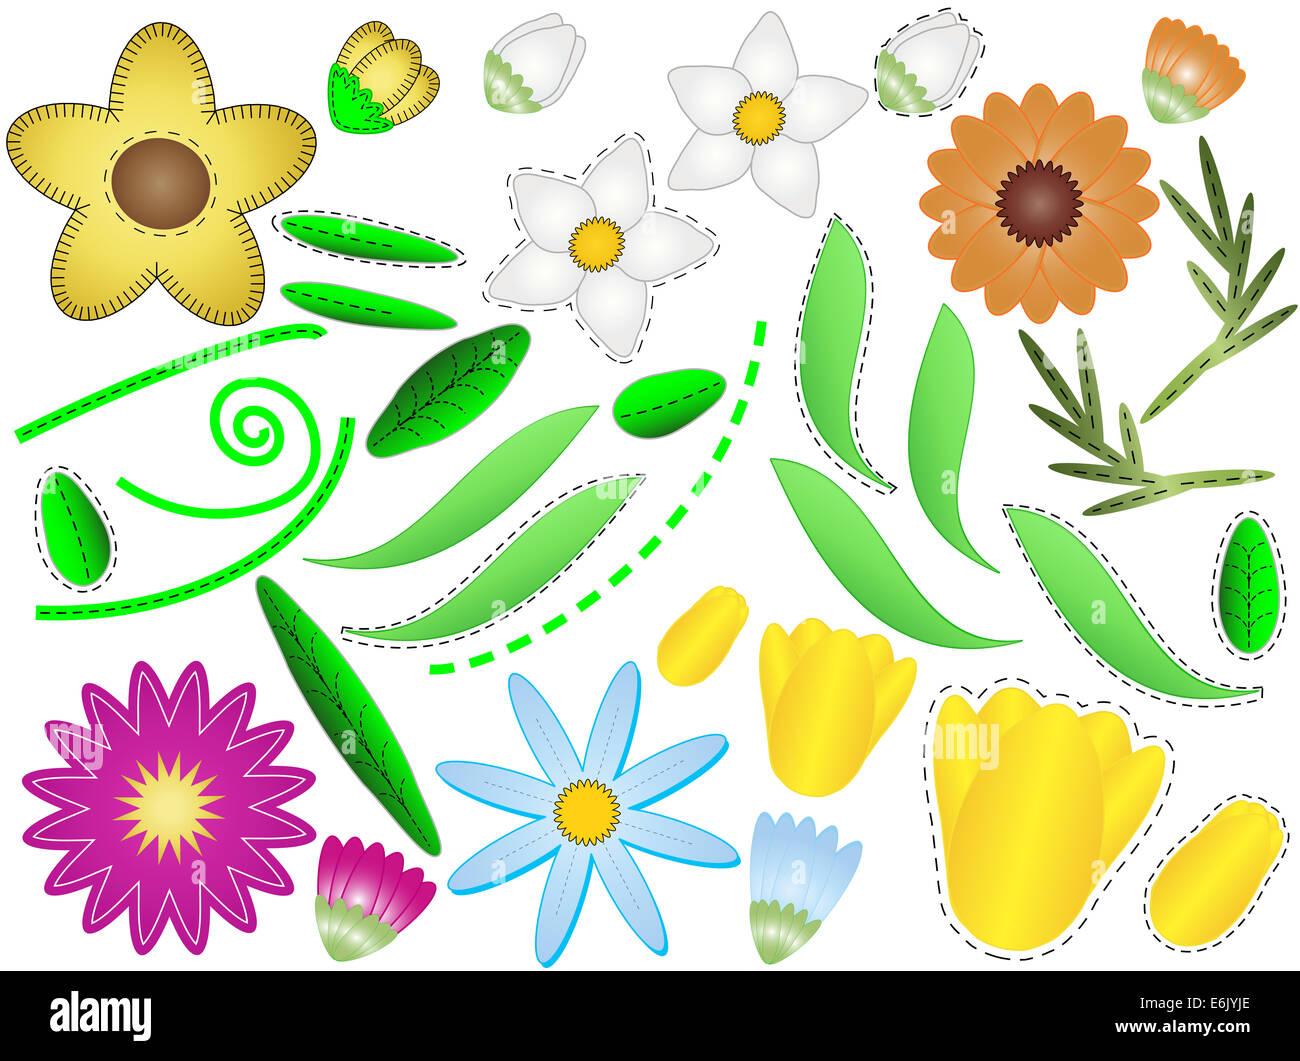 Jpg Diversas Flores Sencillas Brotes Y Hojas Con Quilting Puntadas